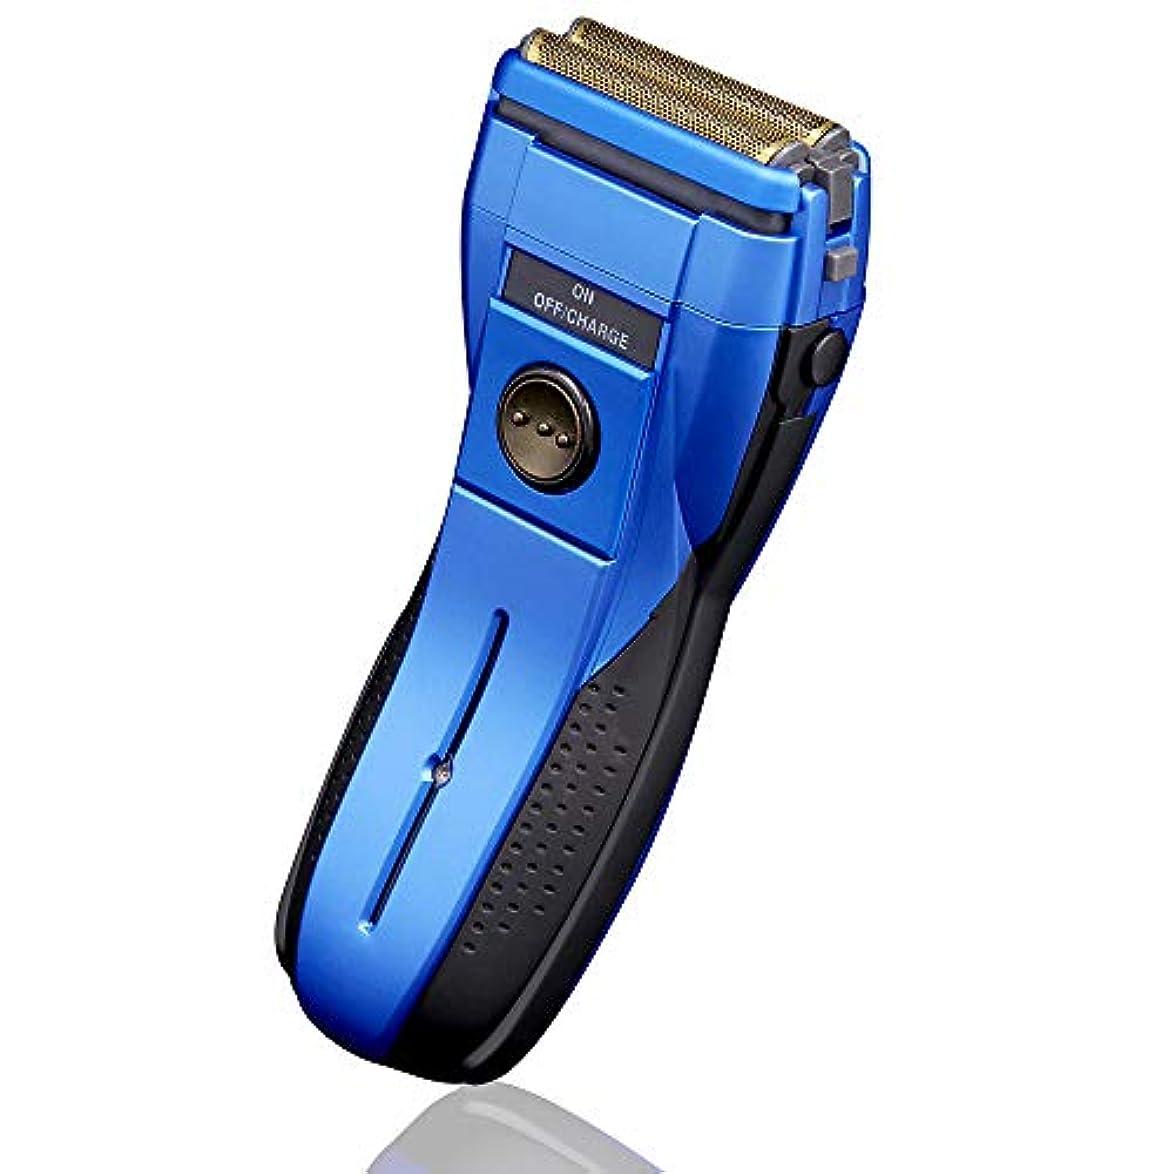 発見近代化する旅行者電気シェーバー 2枚刃 髭剃り メンズシェーバー 替え刃付属付き 水洗い対応 ウォッシャブル 充電式 独立フローティング2枚刃 (Blue)